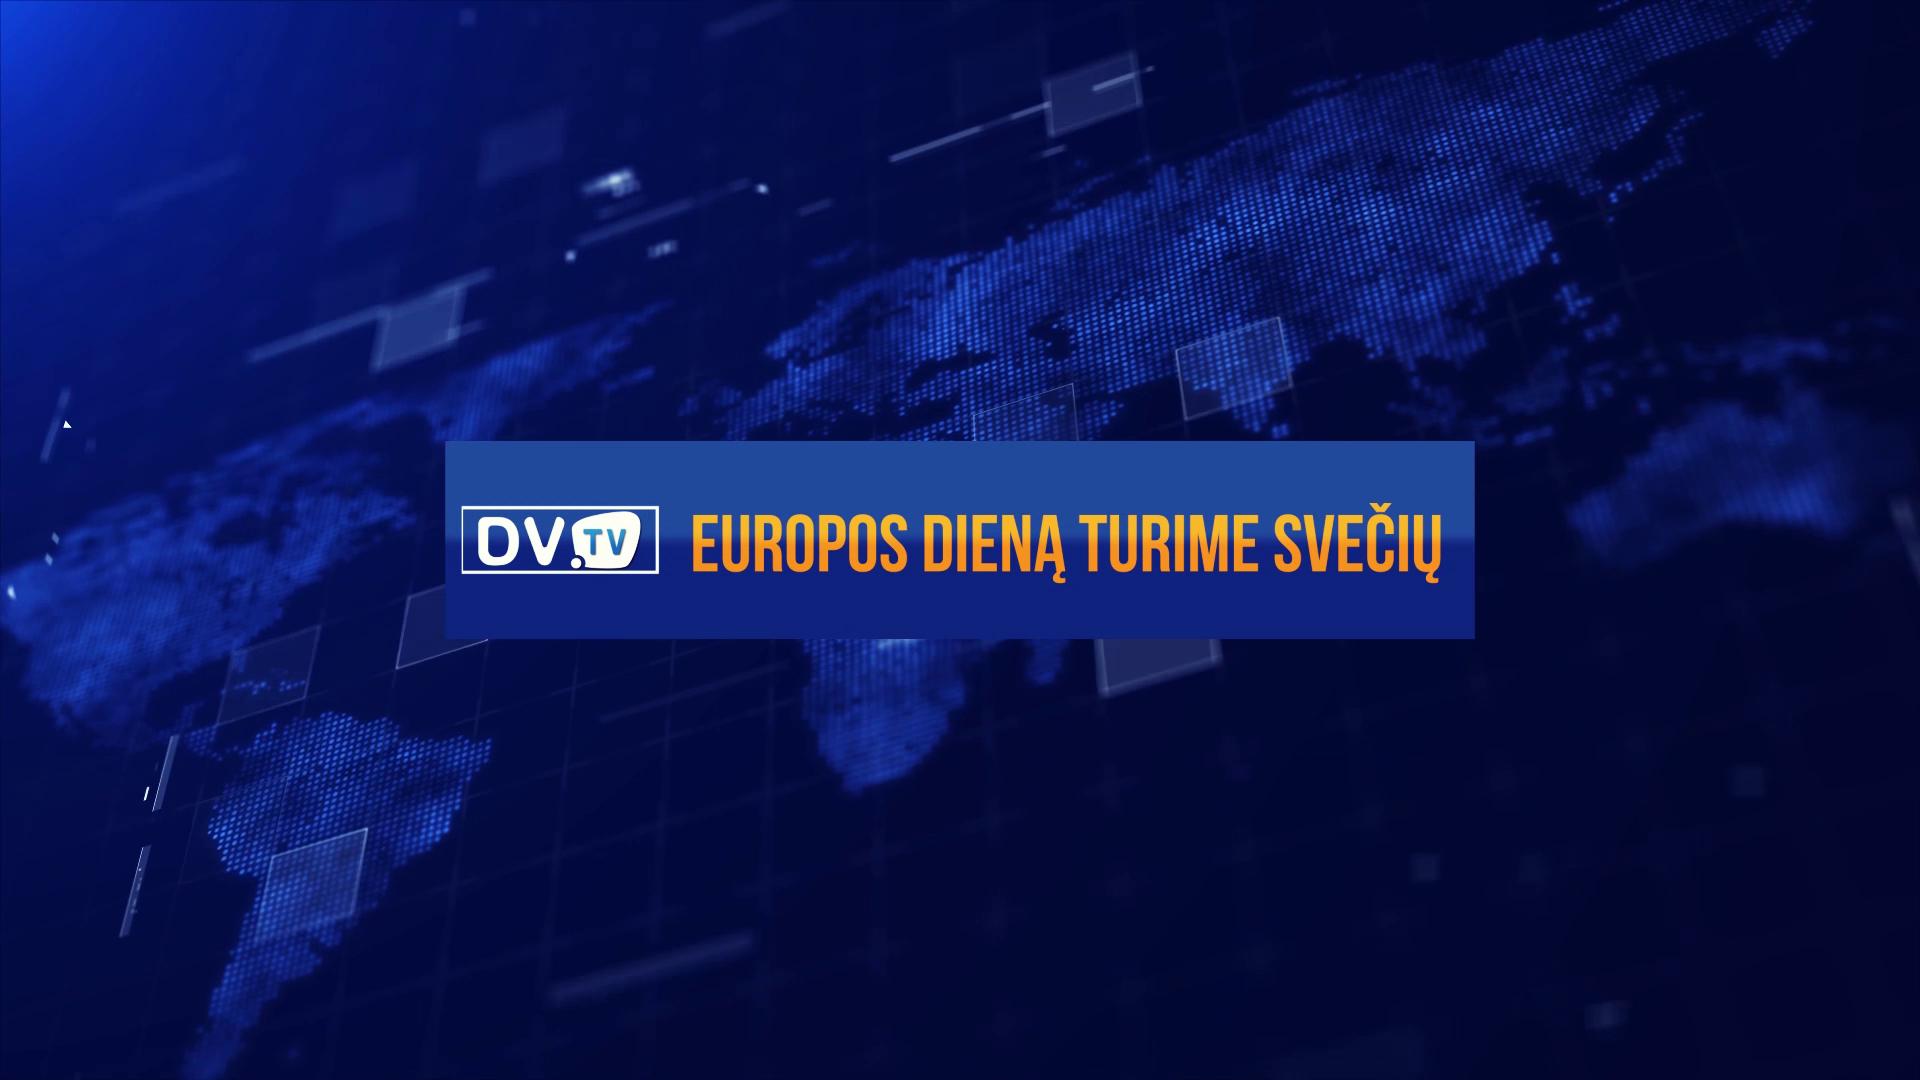 """Andrius Jučas: """"Atėjo Alytaus regioninių investicijų metas"""" 3"""